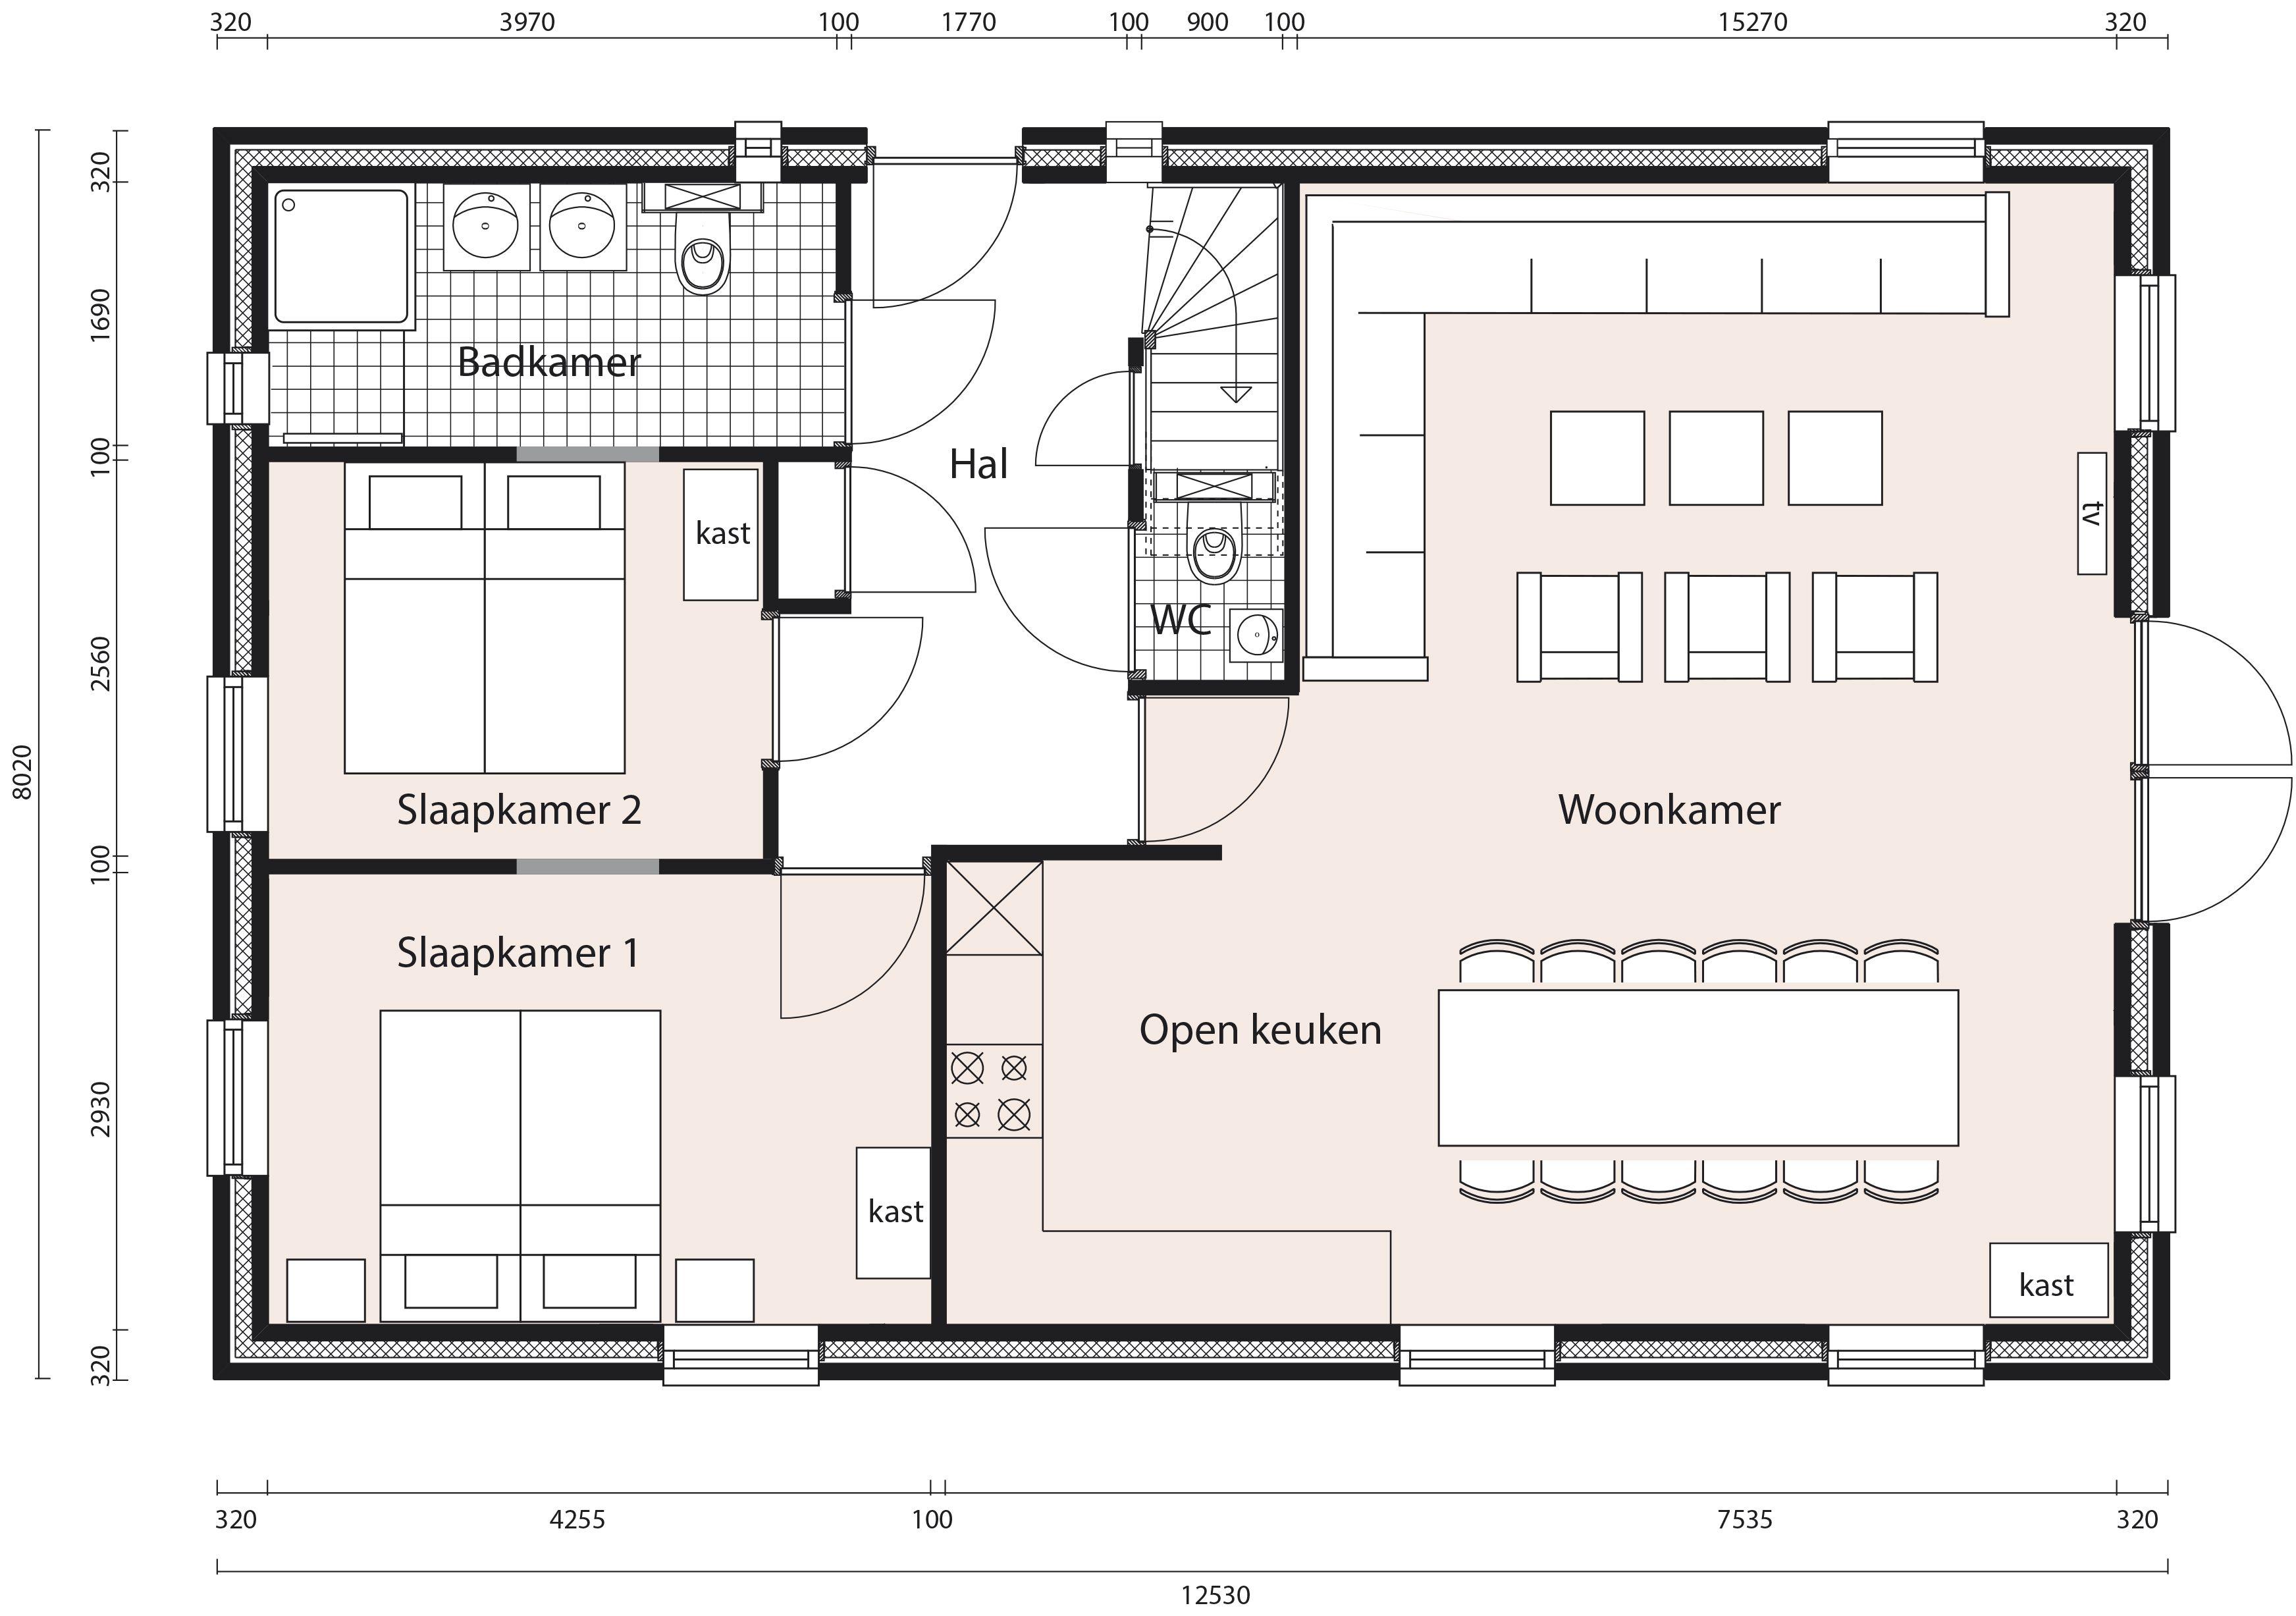 vrijstaande woning slaapkamer beneden google zoeken google